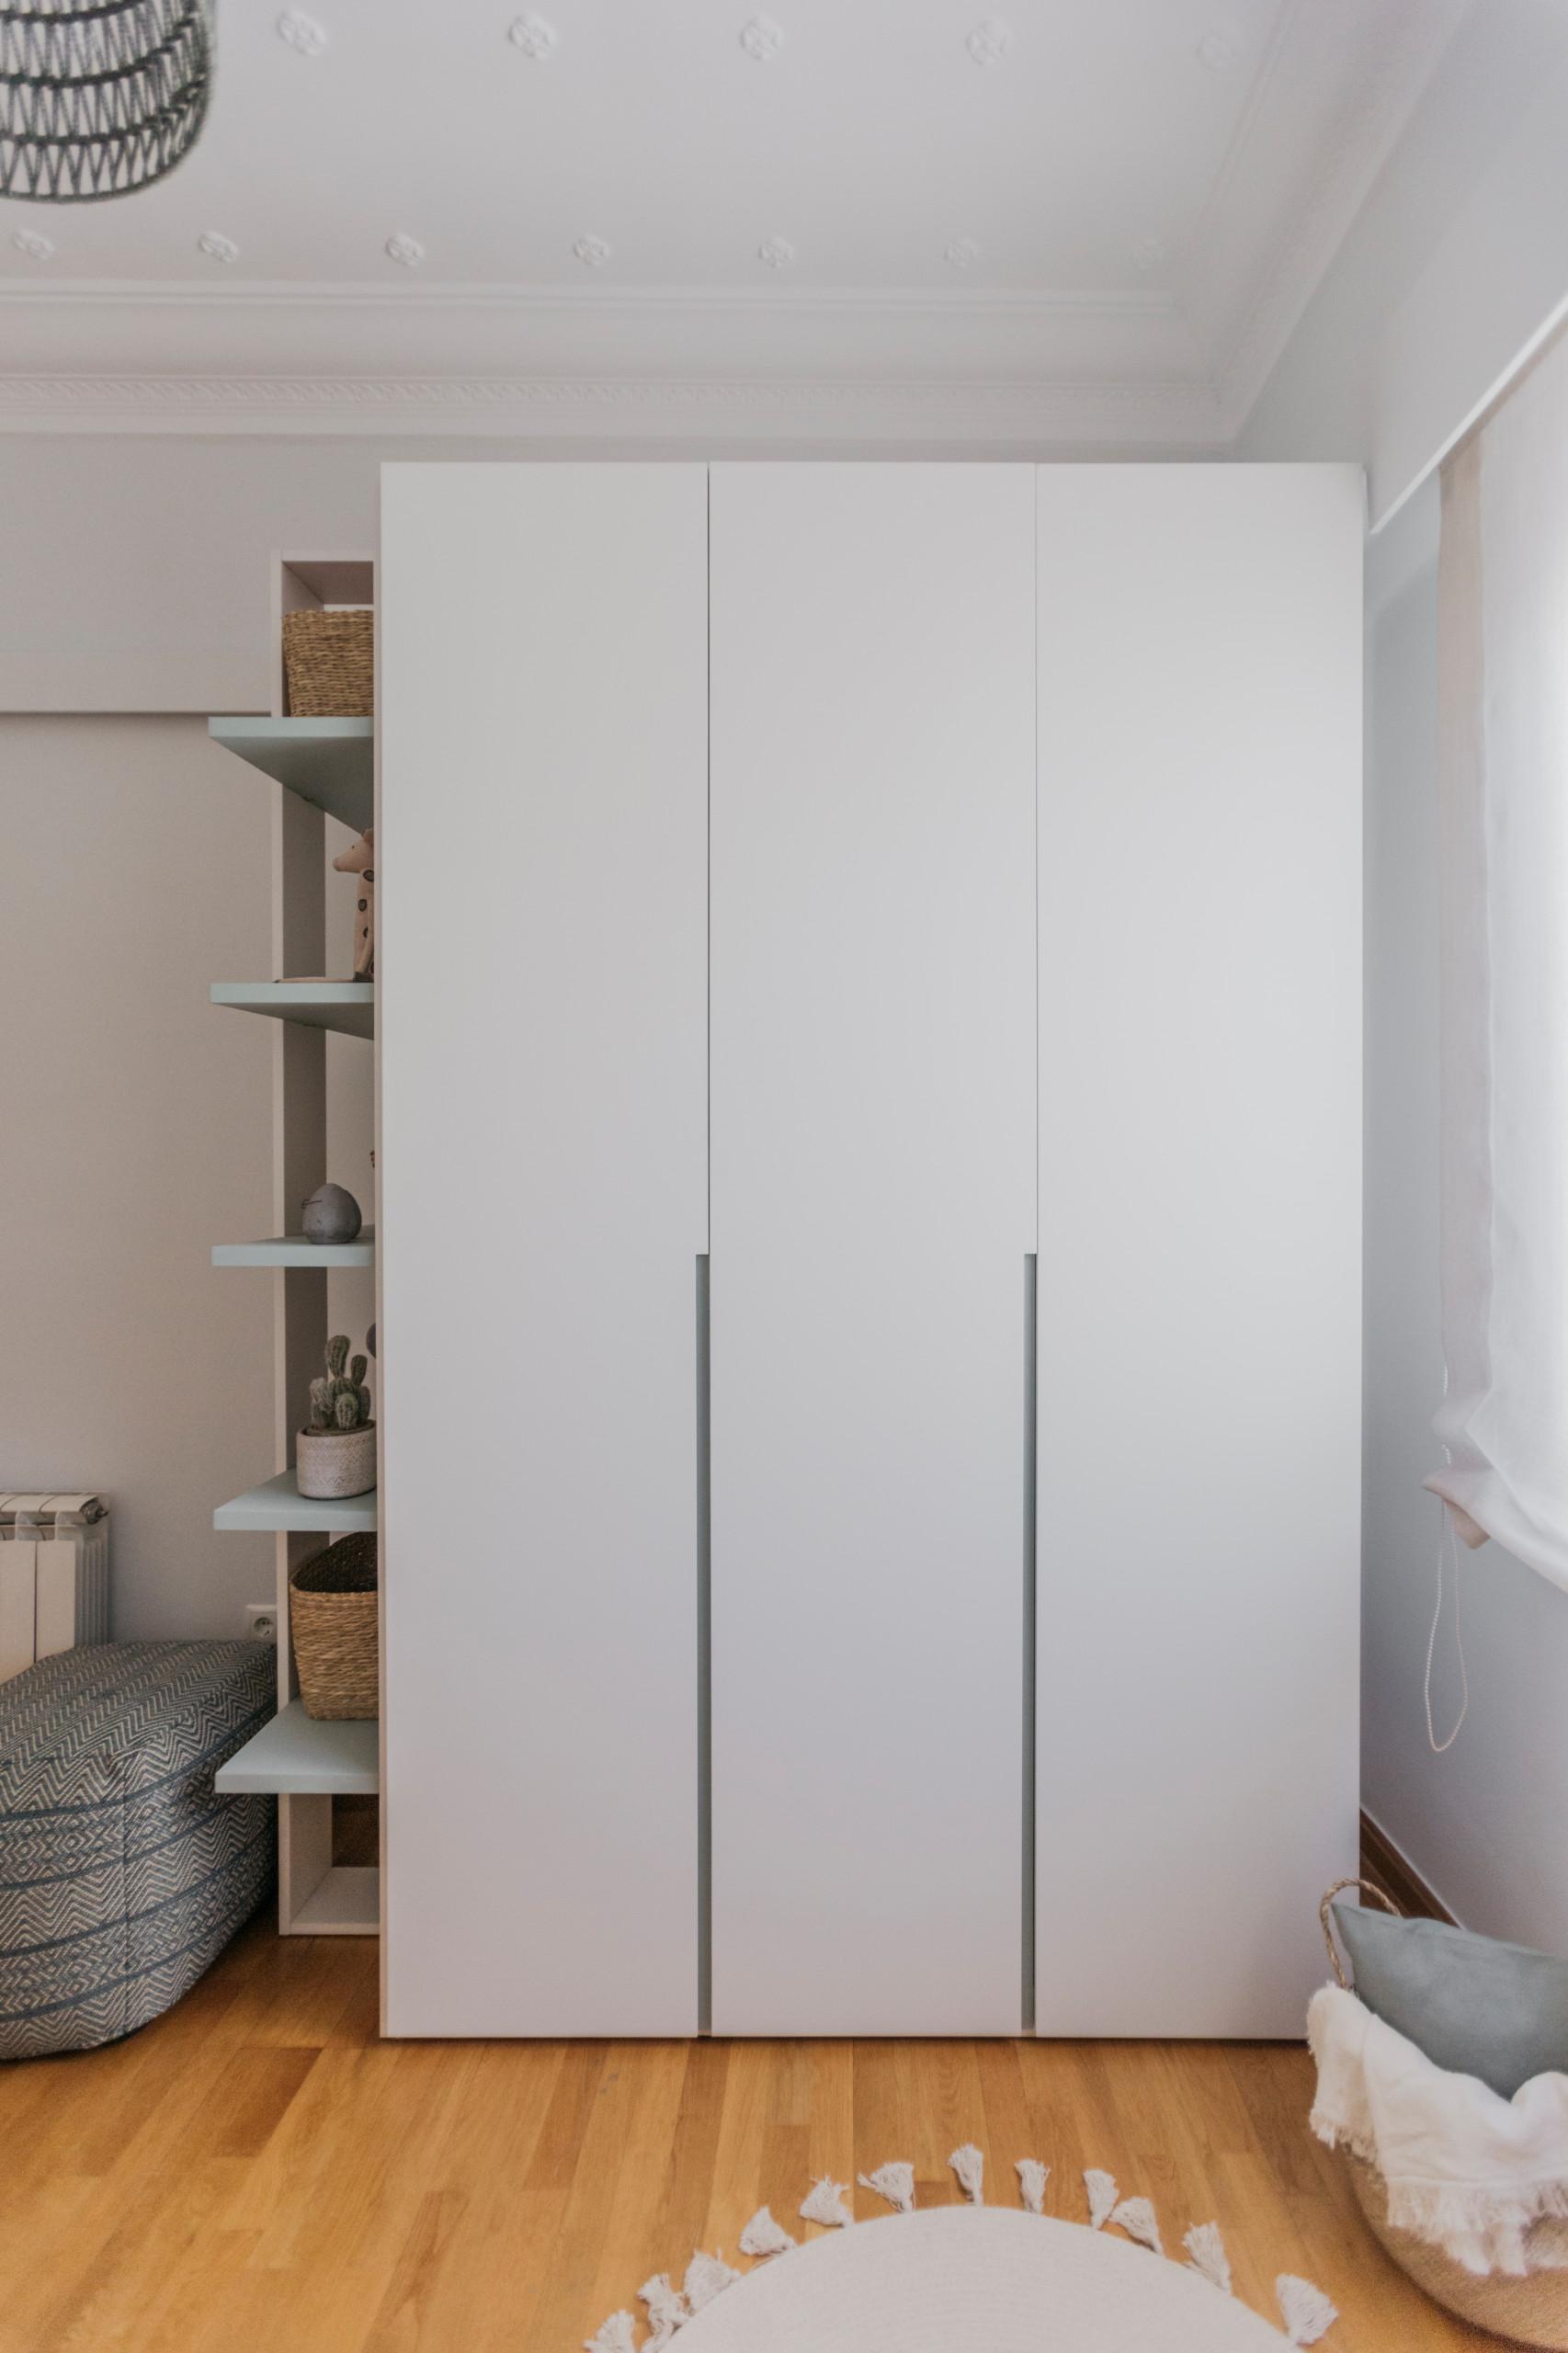 Zona de almacenaje (armario y estantería)